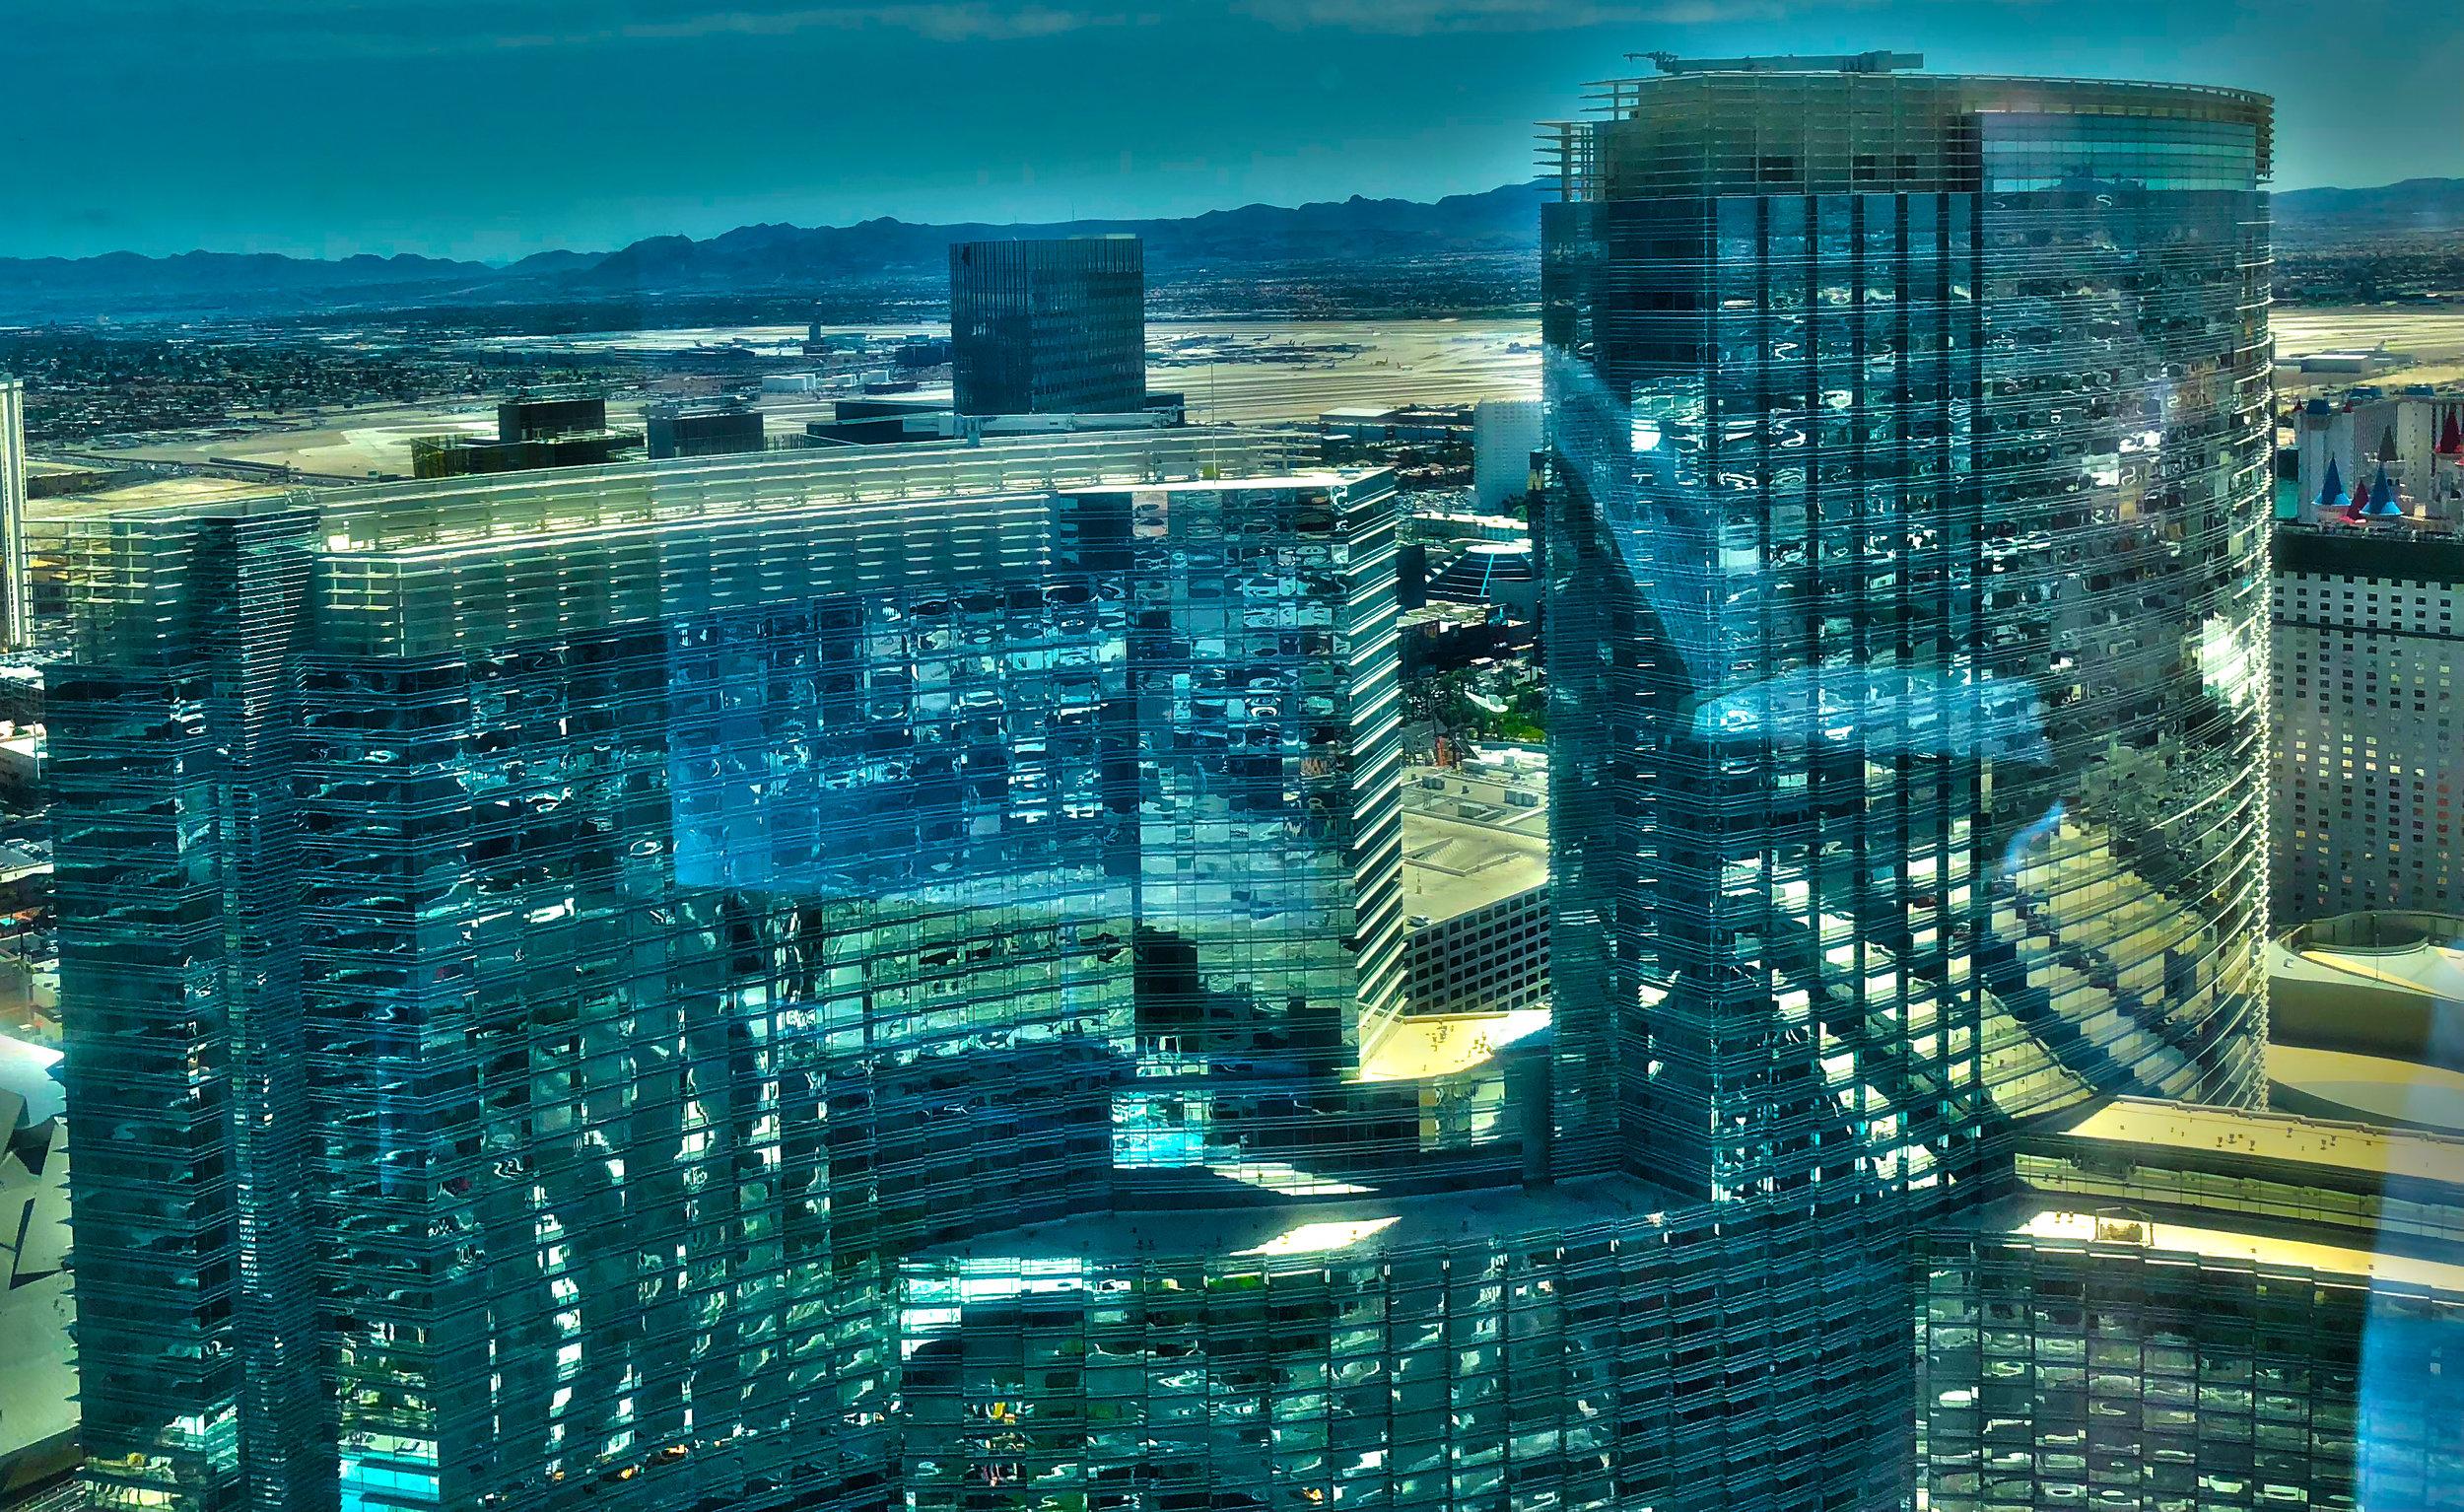 Aria - Eröffnet: 2009Casino-Grösse: 13'935m²Resort-Fee: 39 US-DollarZimmeranzahl: 4'004 (inkl. Tower-Suites und Sky-Suites mit vielen Extras)Hypermodernes Hotel inmitten des «City Center»-Komplex mit grossem Spa (7430m²). Die Zimmer sind mit viel technischem Schnickschnack ausgestattet (via Tablet) und stilvoll eingereichtet. Das Buffet gehört zu den Besten, das Casino ist weitläufig und äusserst Kundenfreundlich eingerichtet.